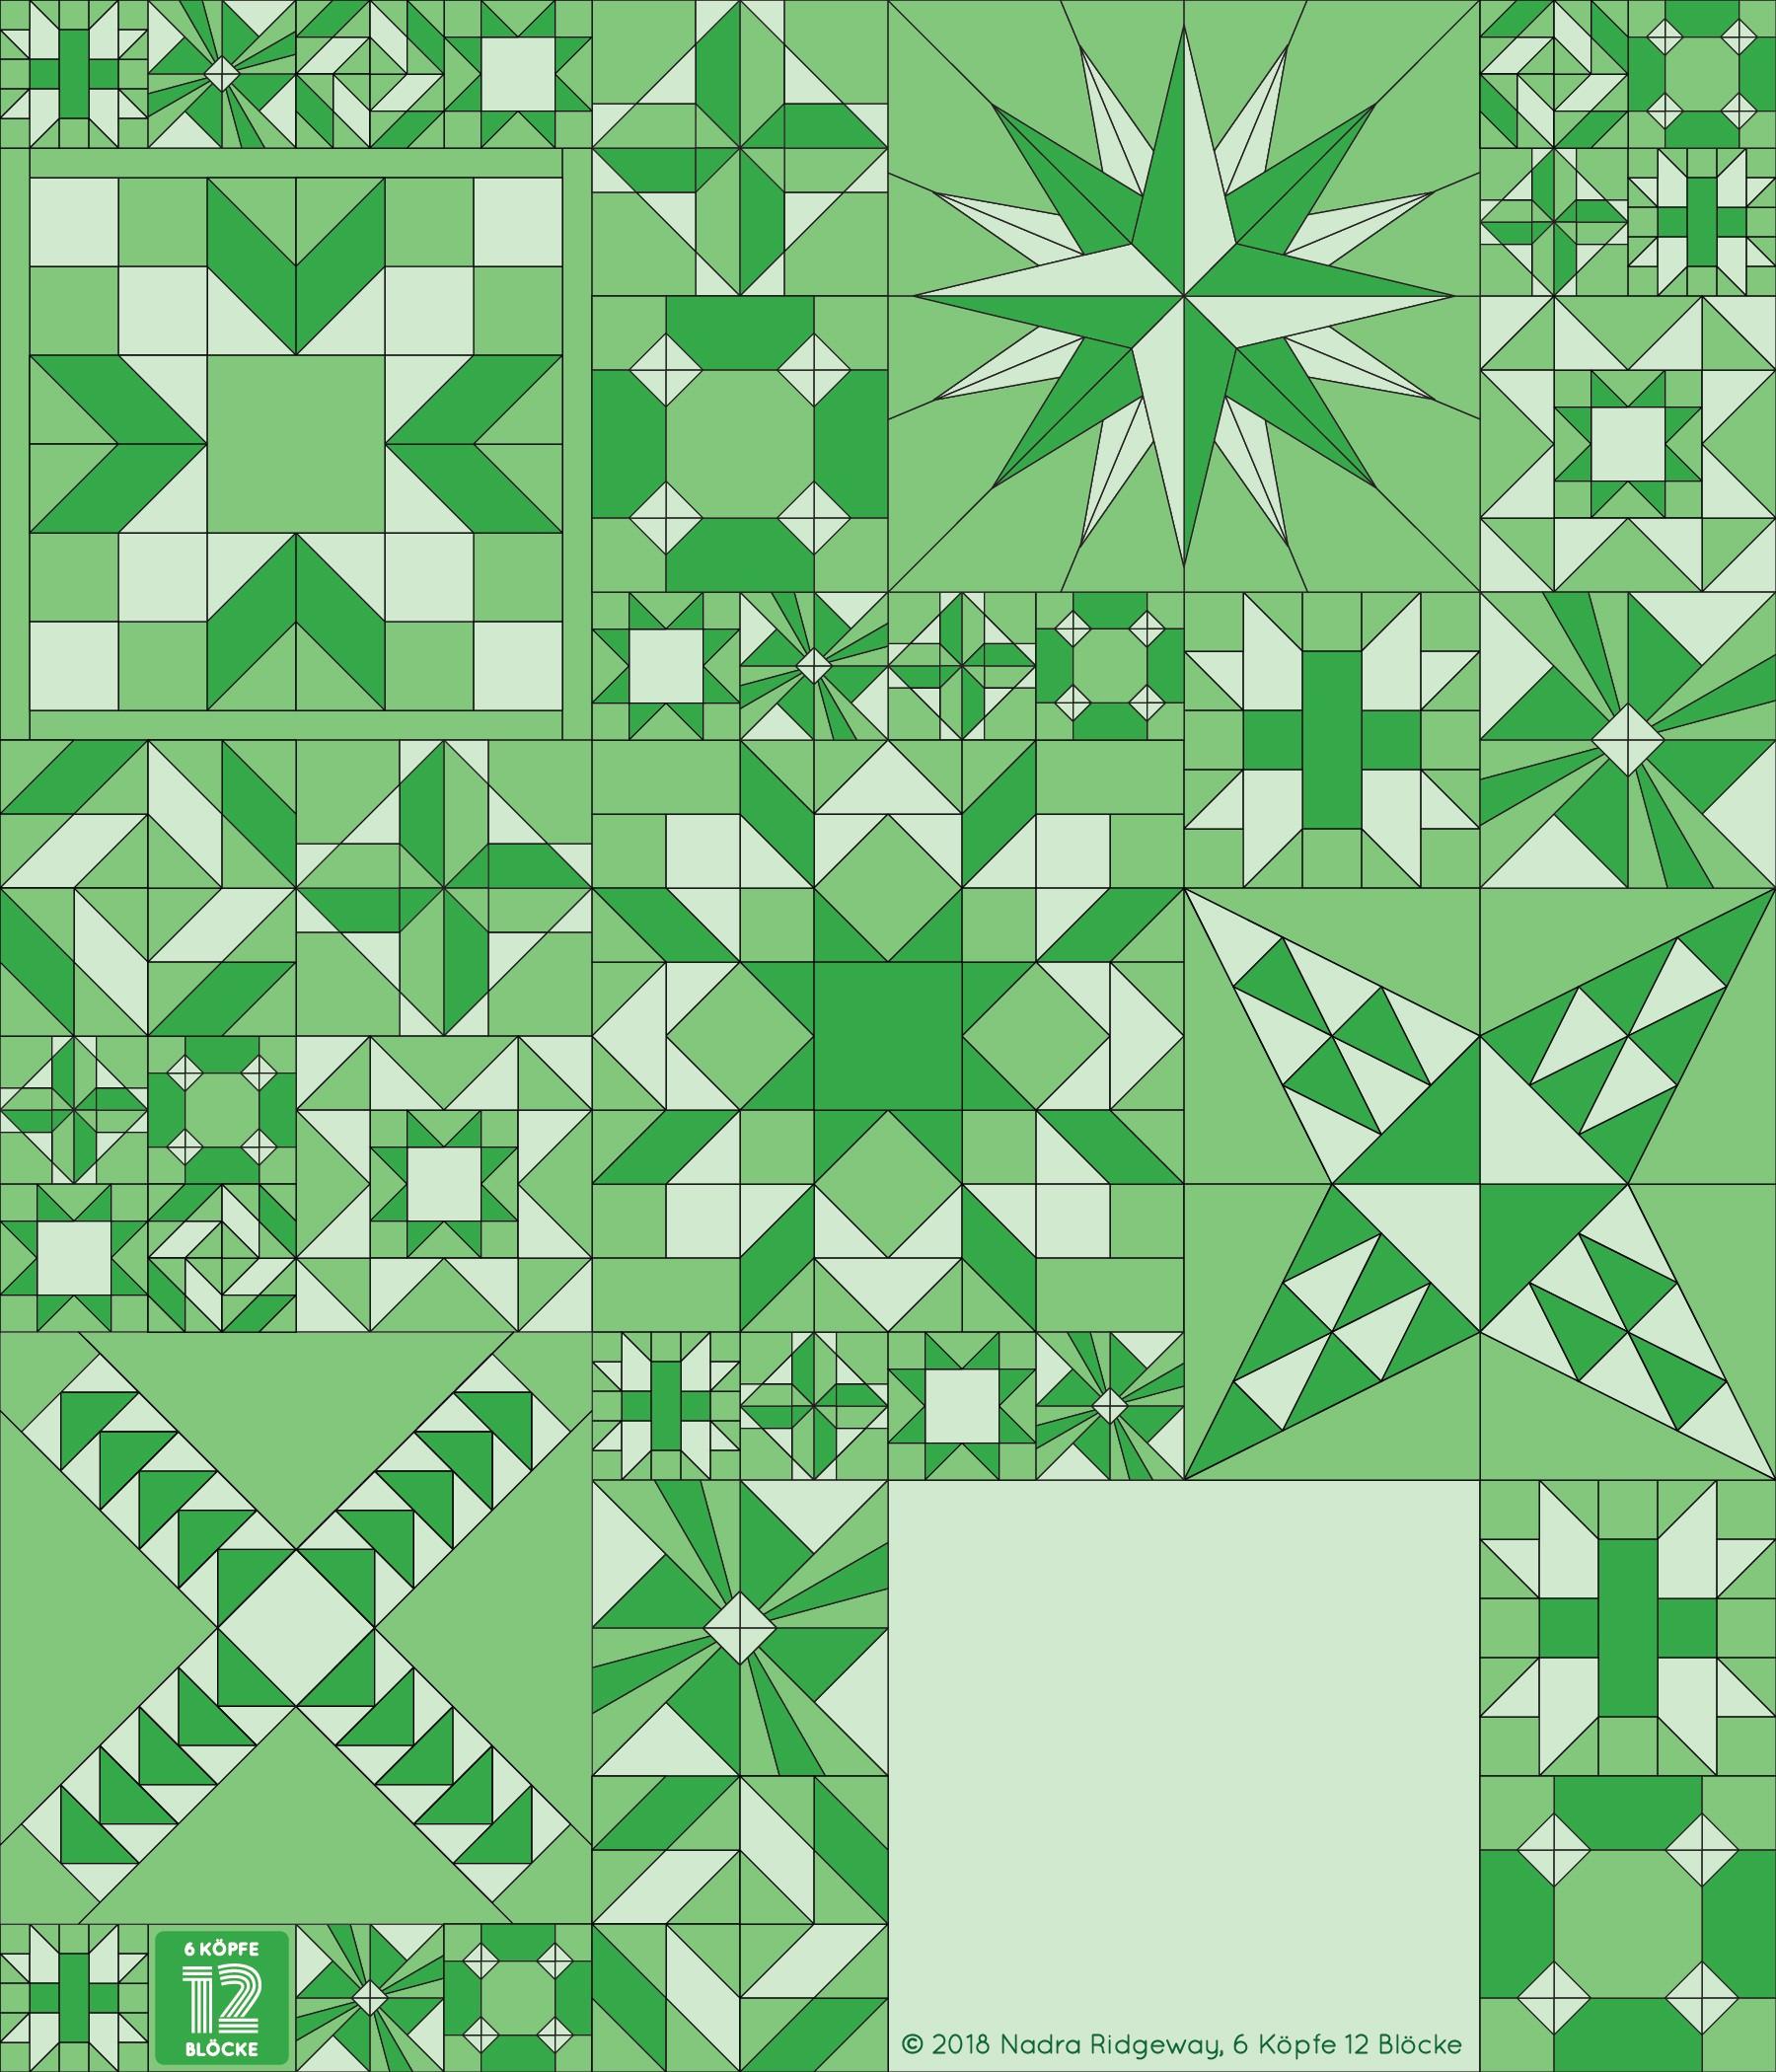 6 Köpfe 12 Blöcke 2019 - Antique Mosaic Quilt Block